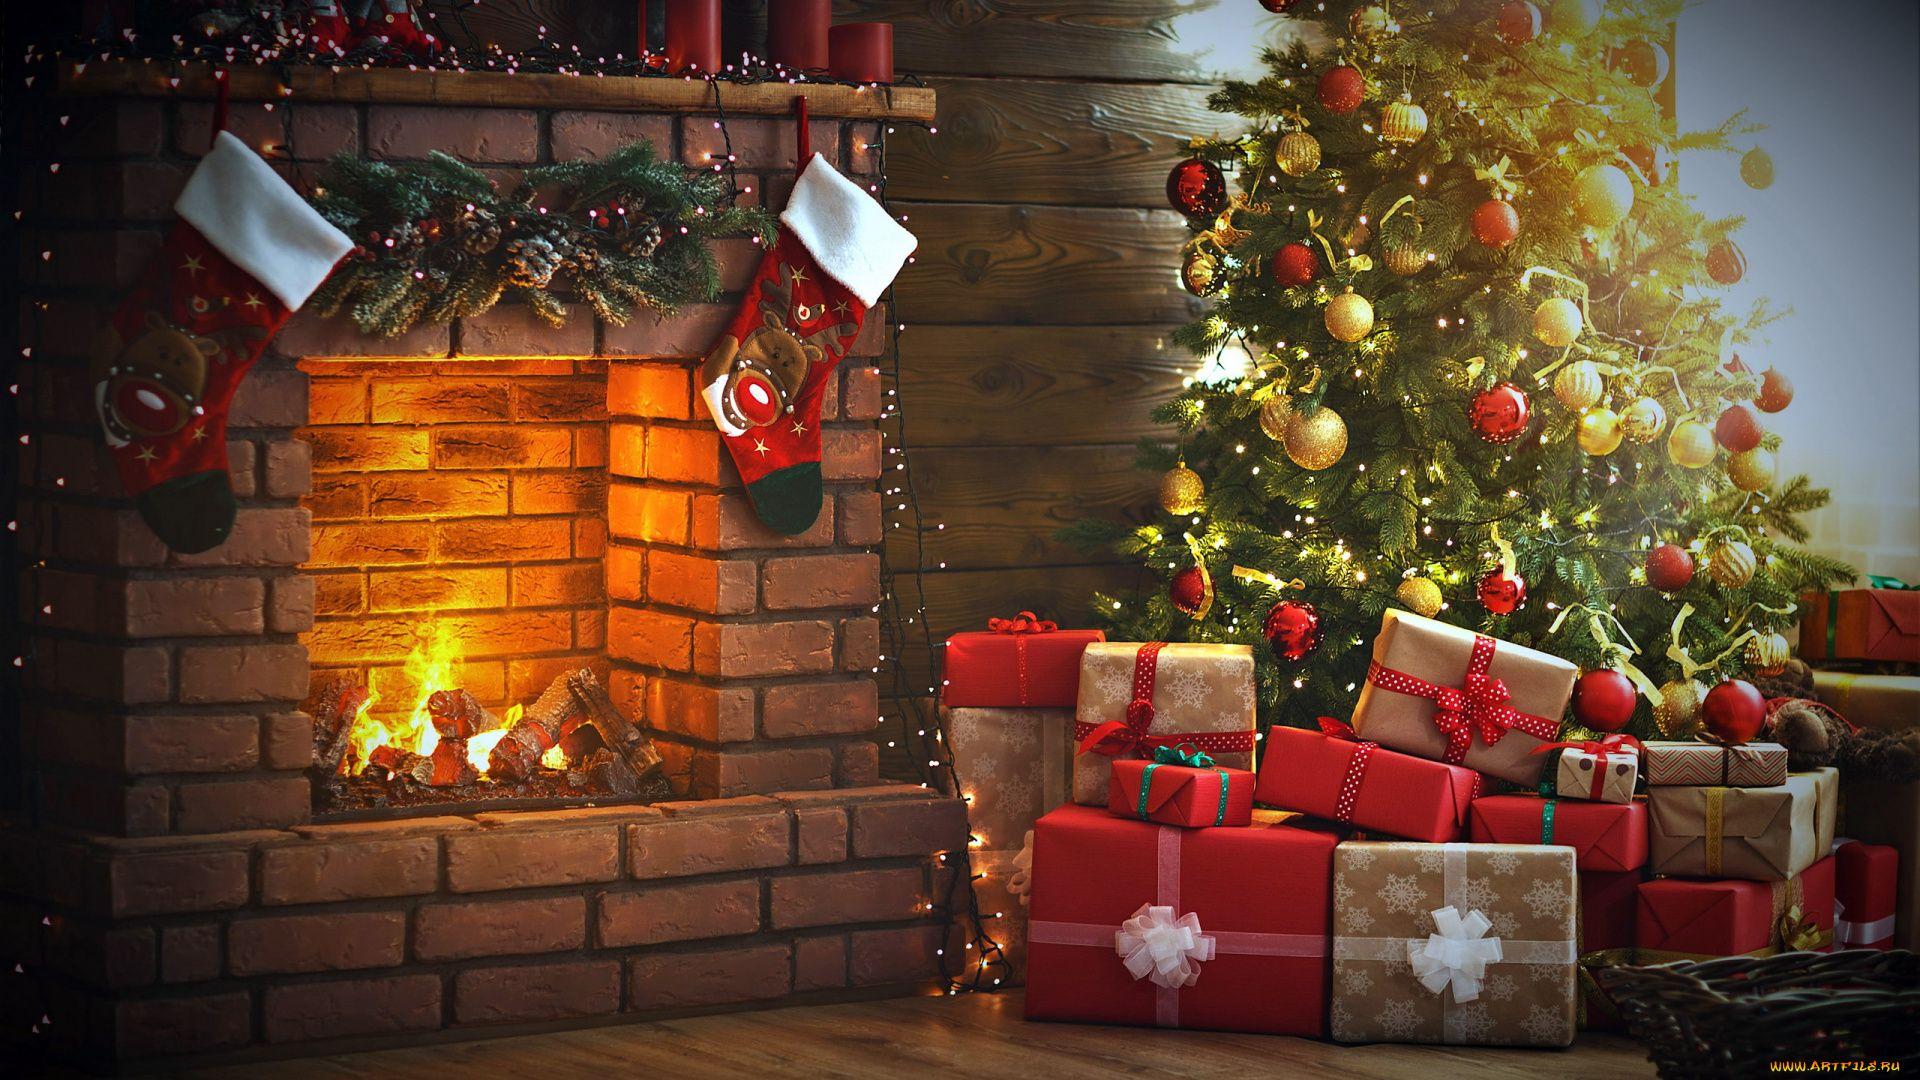 Christmas Fireplace Comfort vertical wallpaper hd